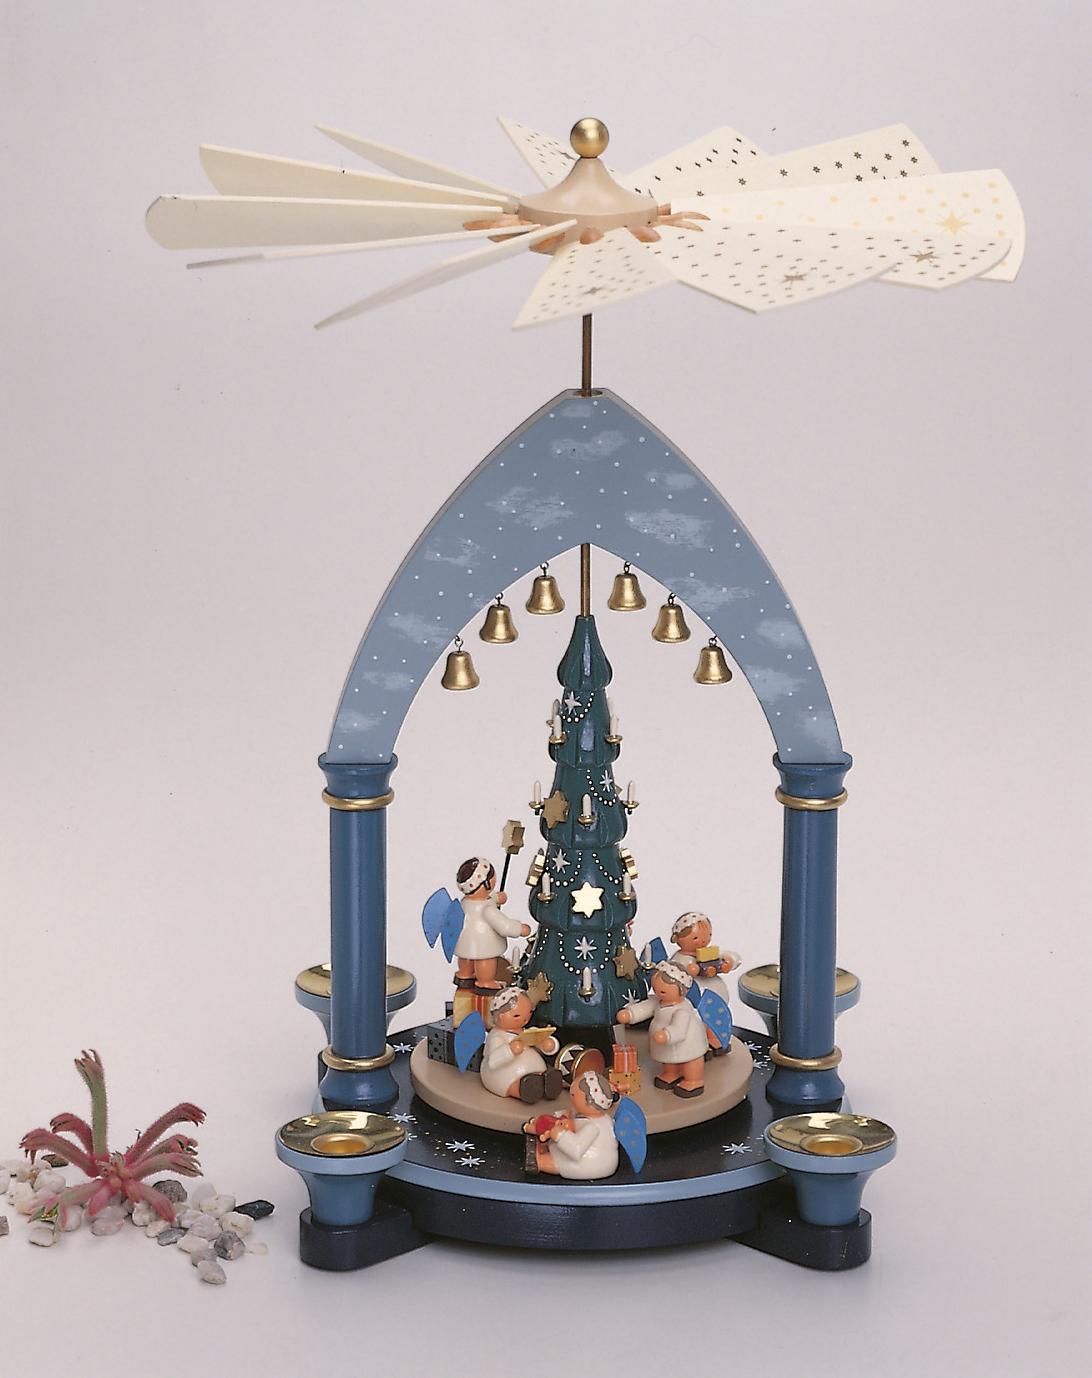 Pyramide Engel mit Weihnachtsbaum